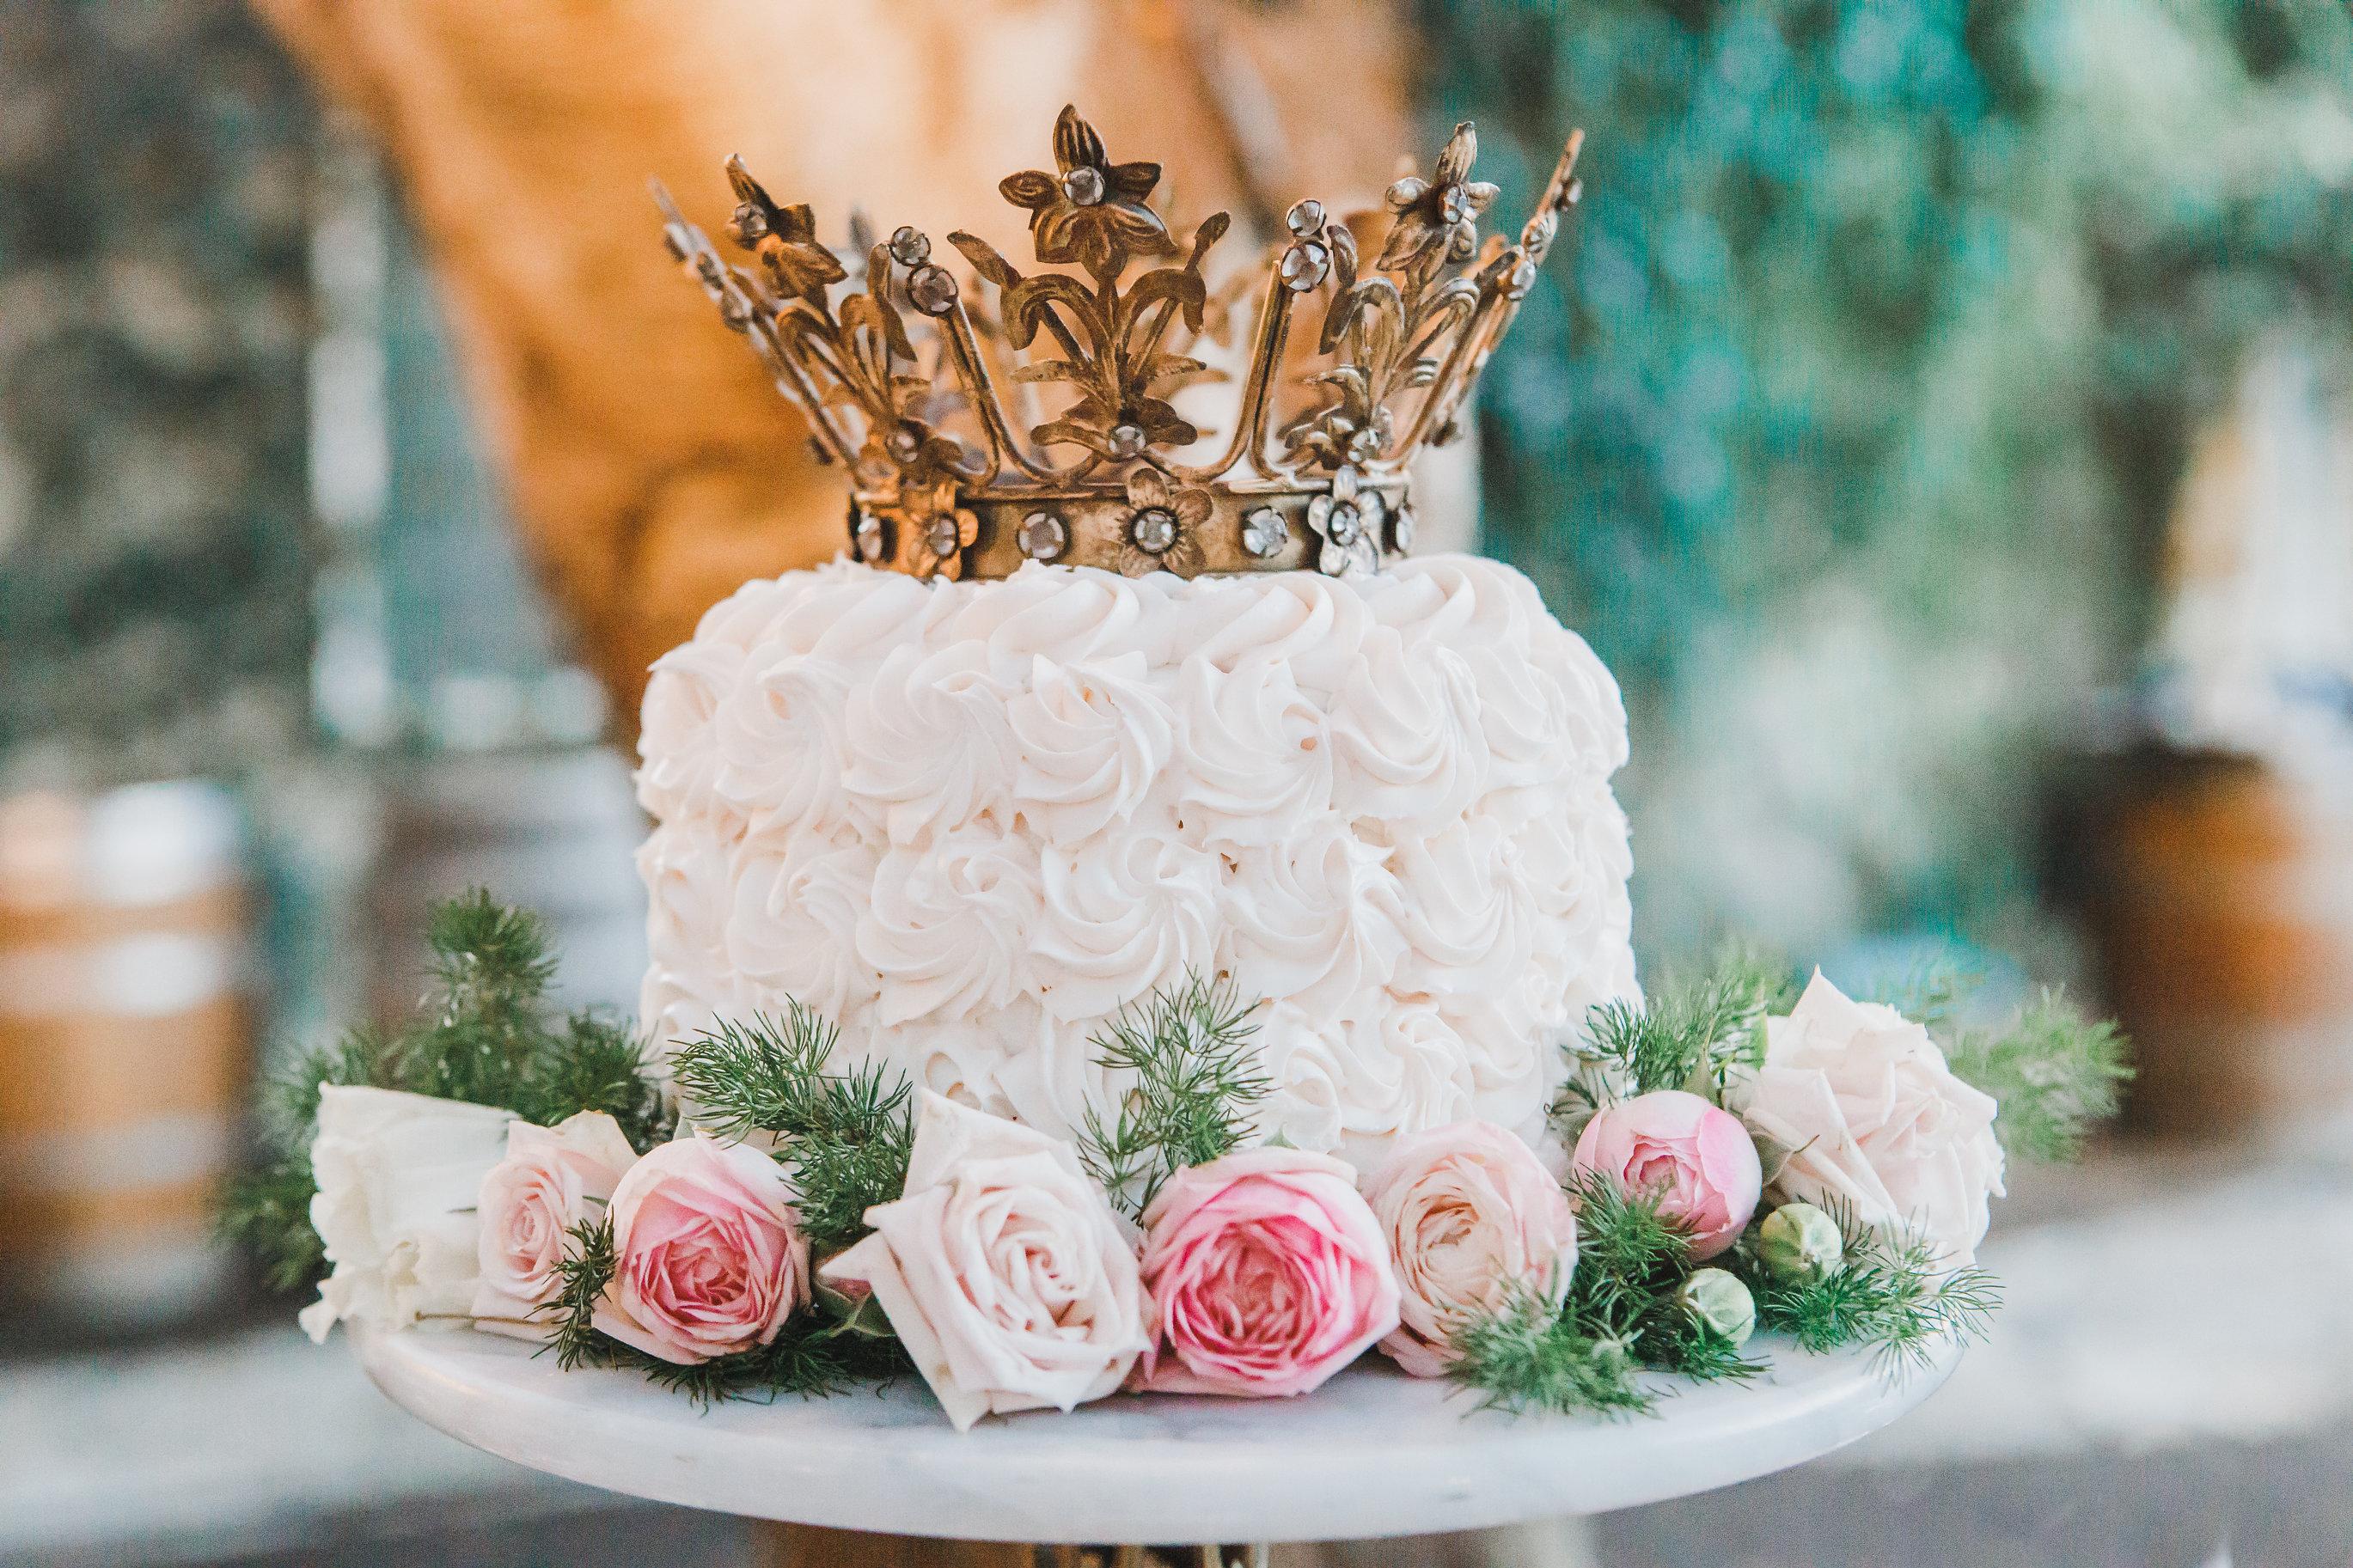 Cakes | Petite Astorias, Escondido, San Diego County, California